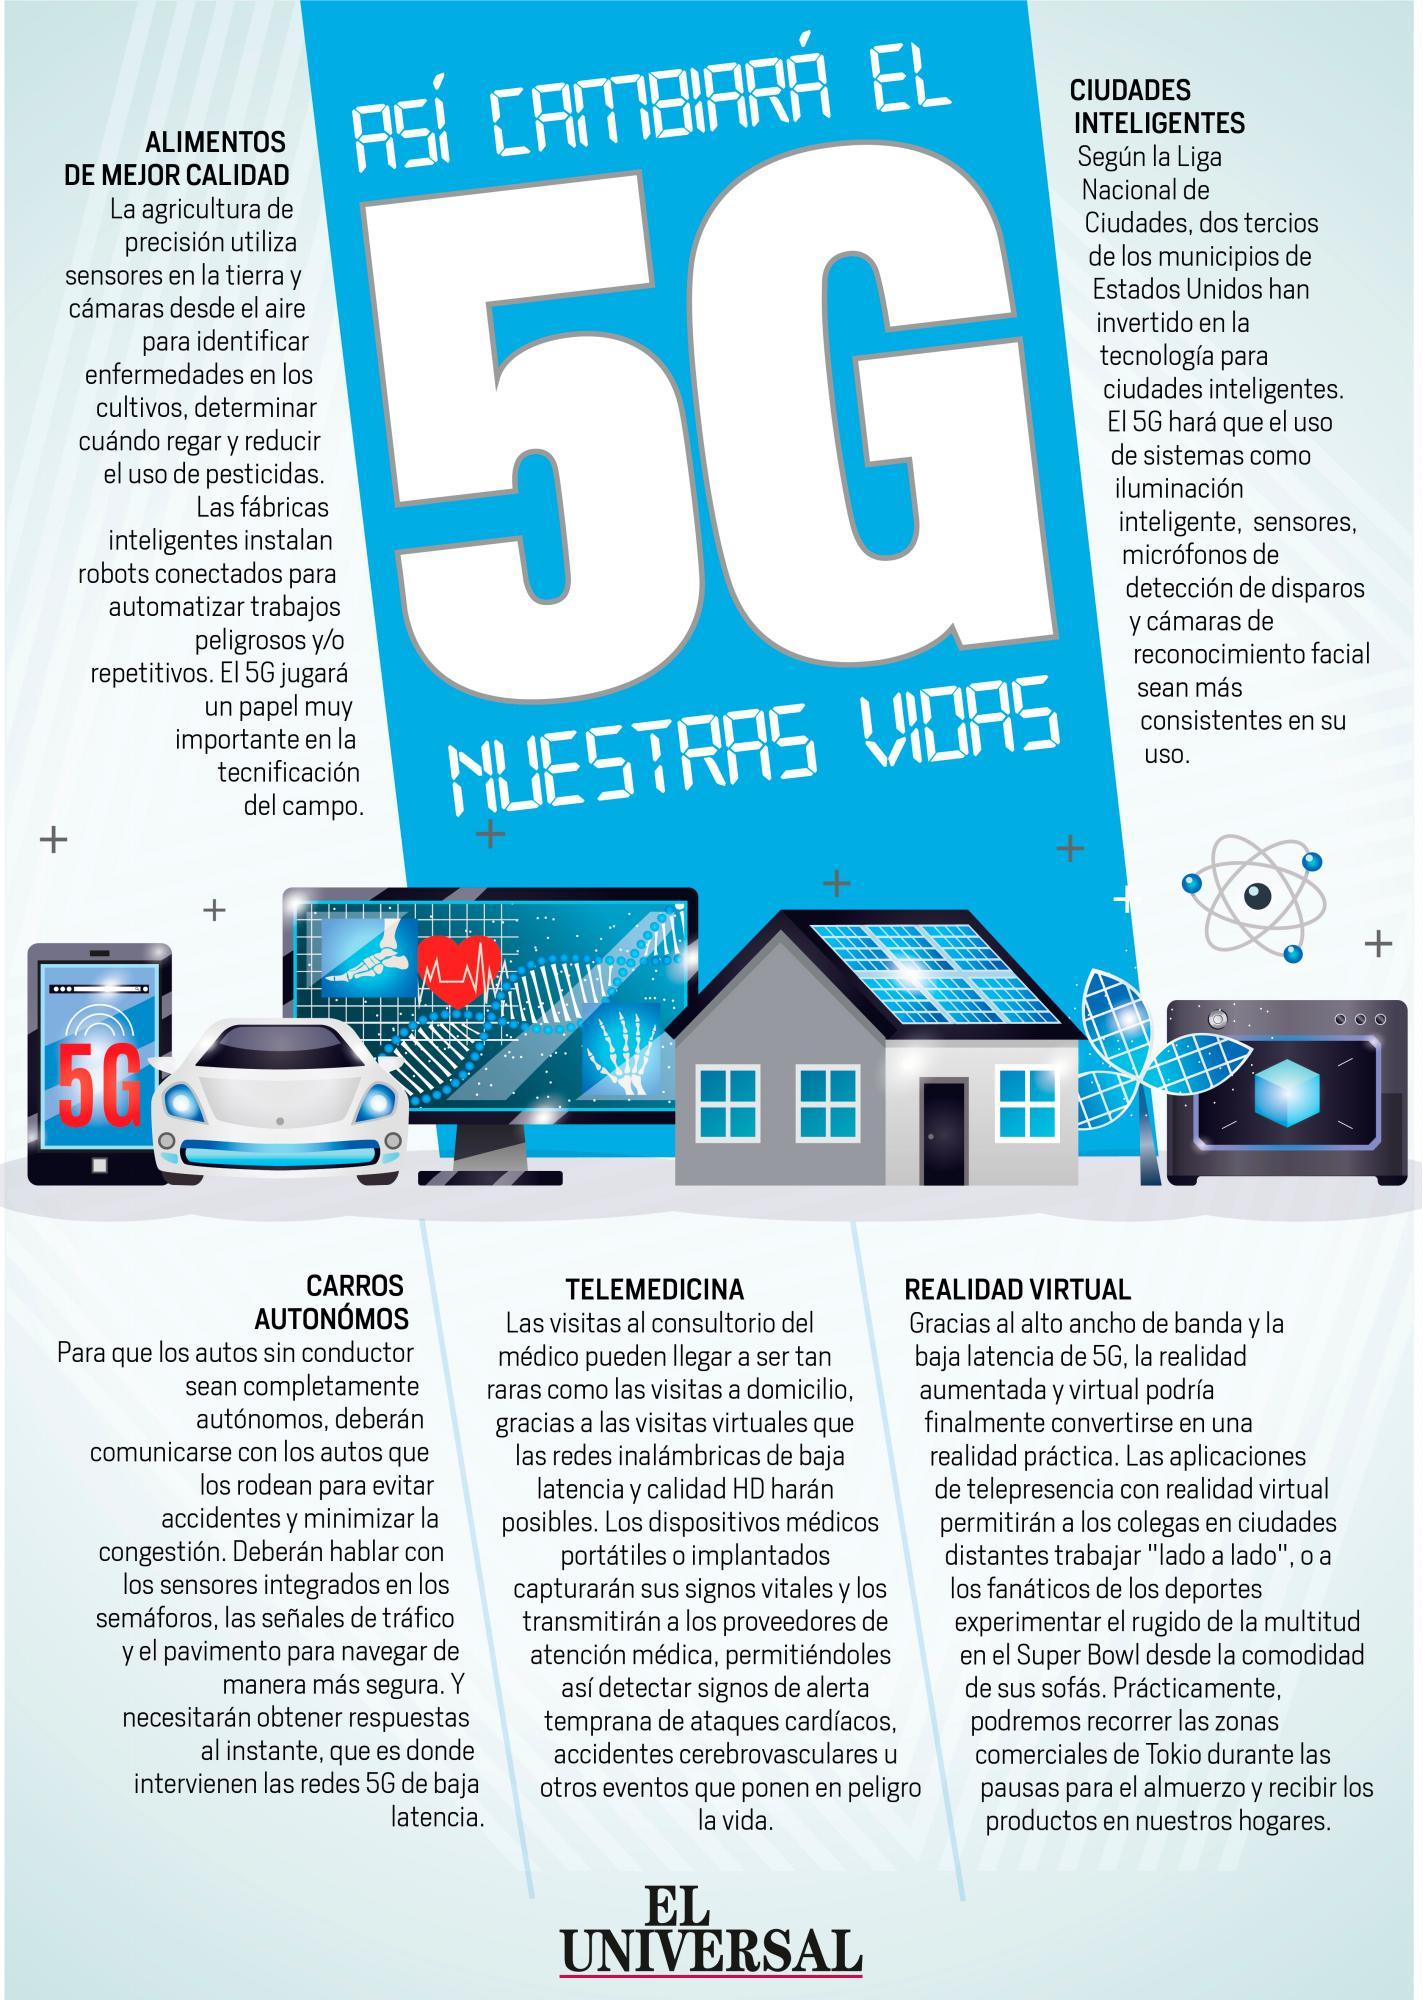 [Infografía] ¿Cómo mejorará nuestras vidas el 5G?